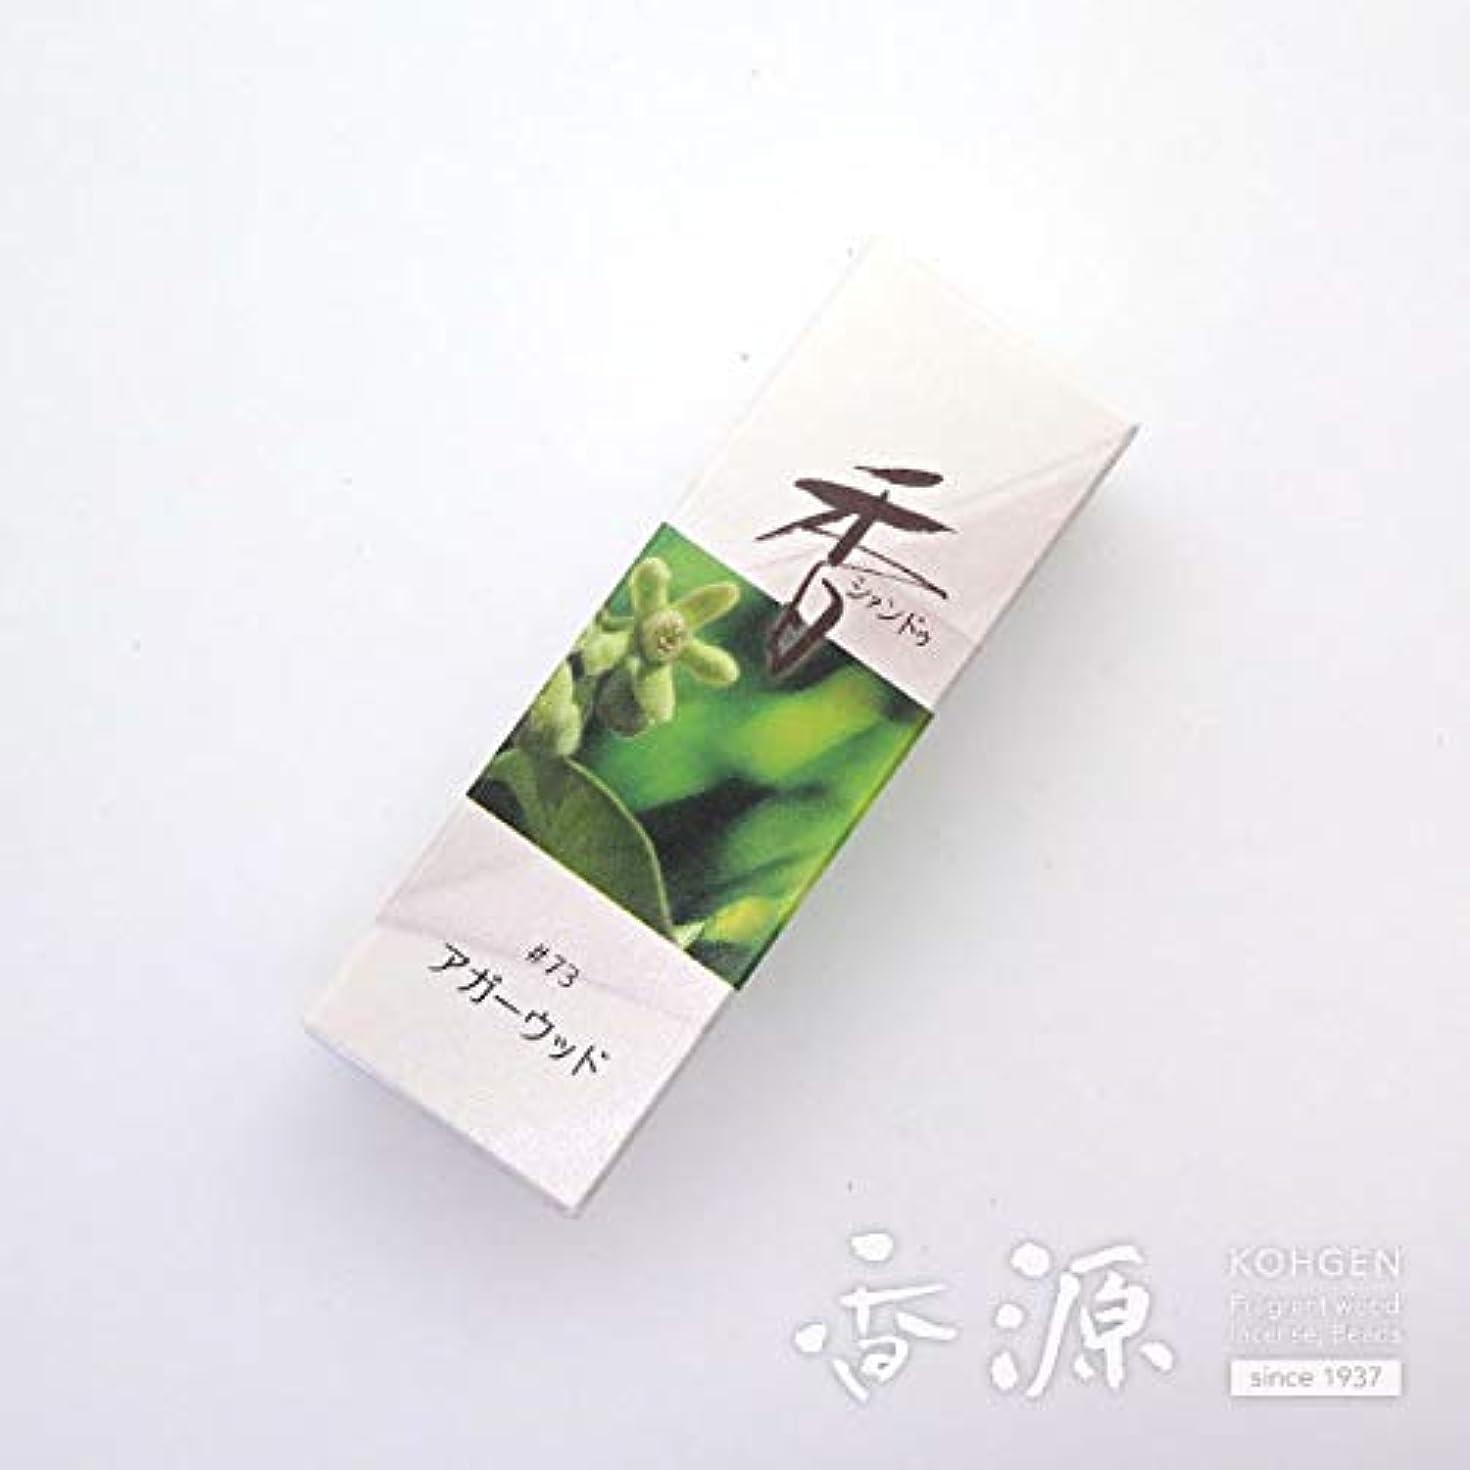 矩形処理不当松栄堂のお香 Xiang Do(シャンドゥ) アガーウッド ST20本入 簡易香立付 #214273